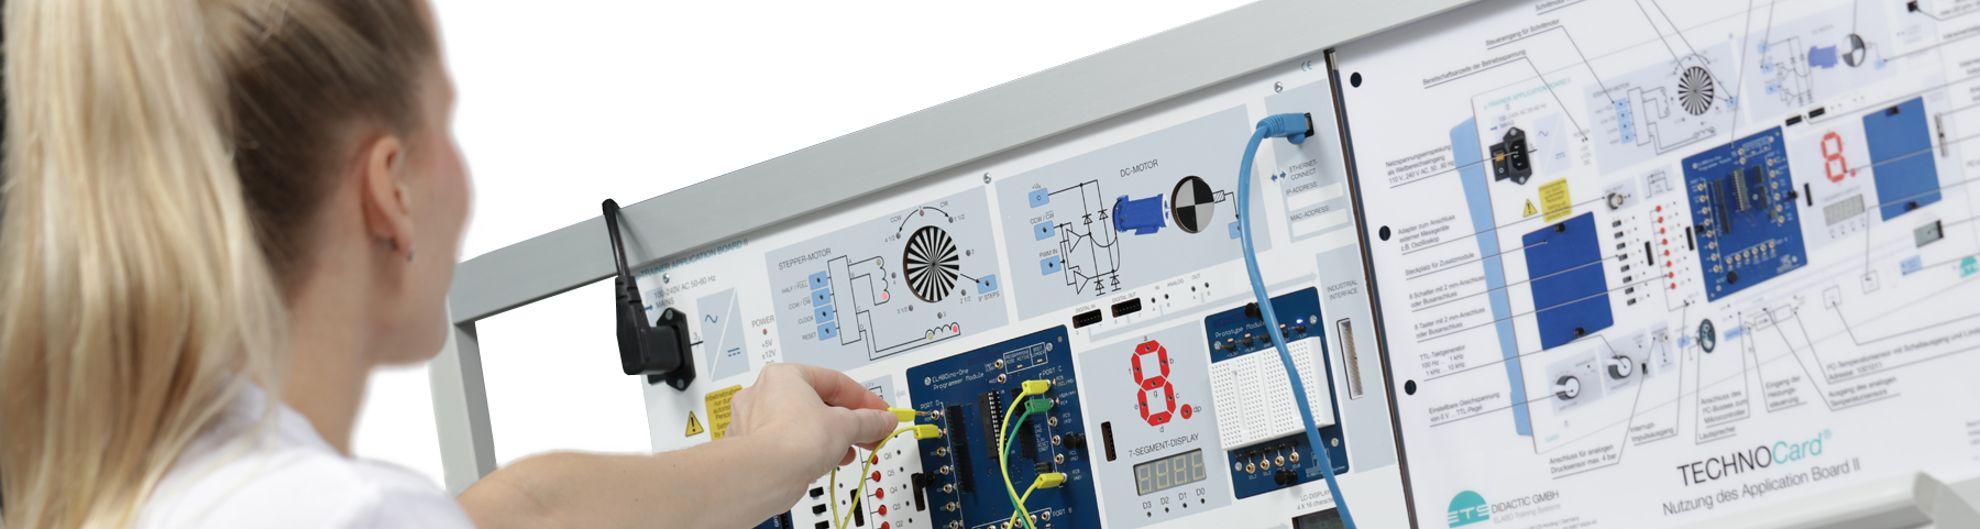 Mikrocontrollertechnik mit PIC16F887 für µ-Trainer II